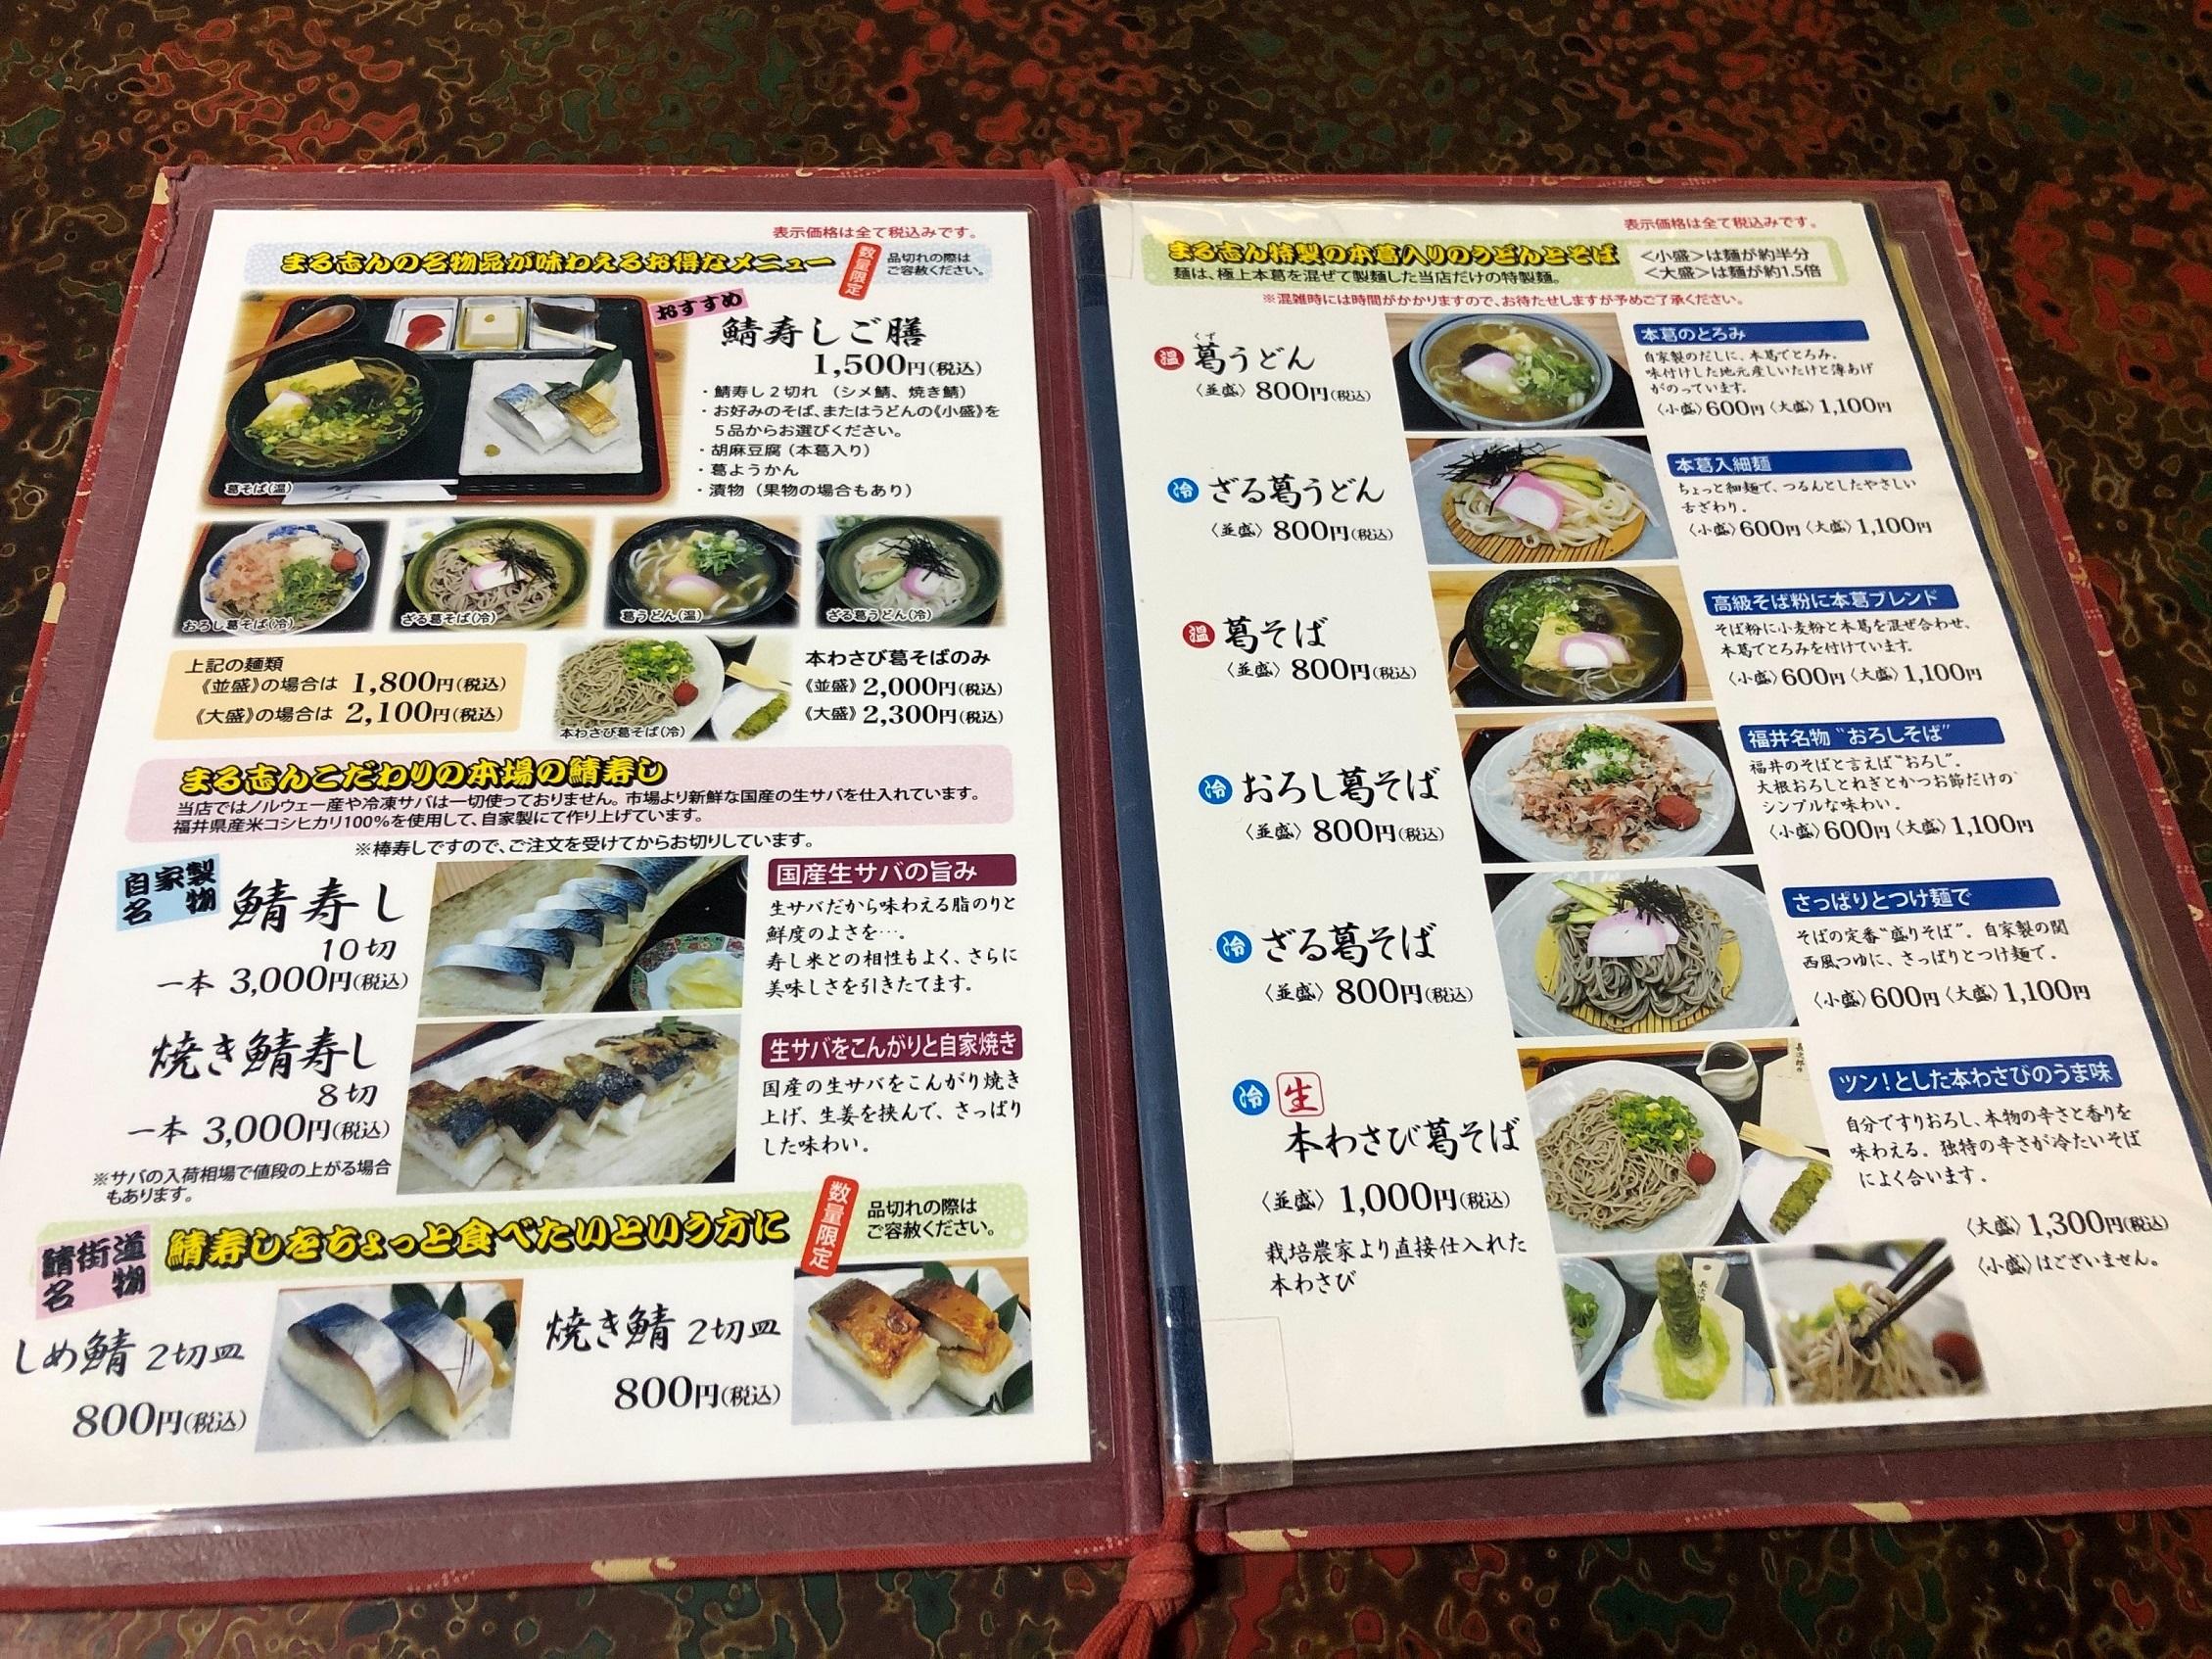 ぴーきちハーレーブログ 奥琵琶湖キャンプツーリング 熊川宿 まる志ん メニュー